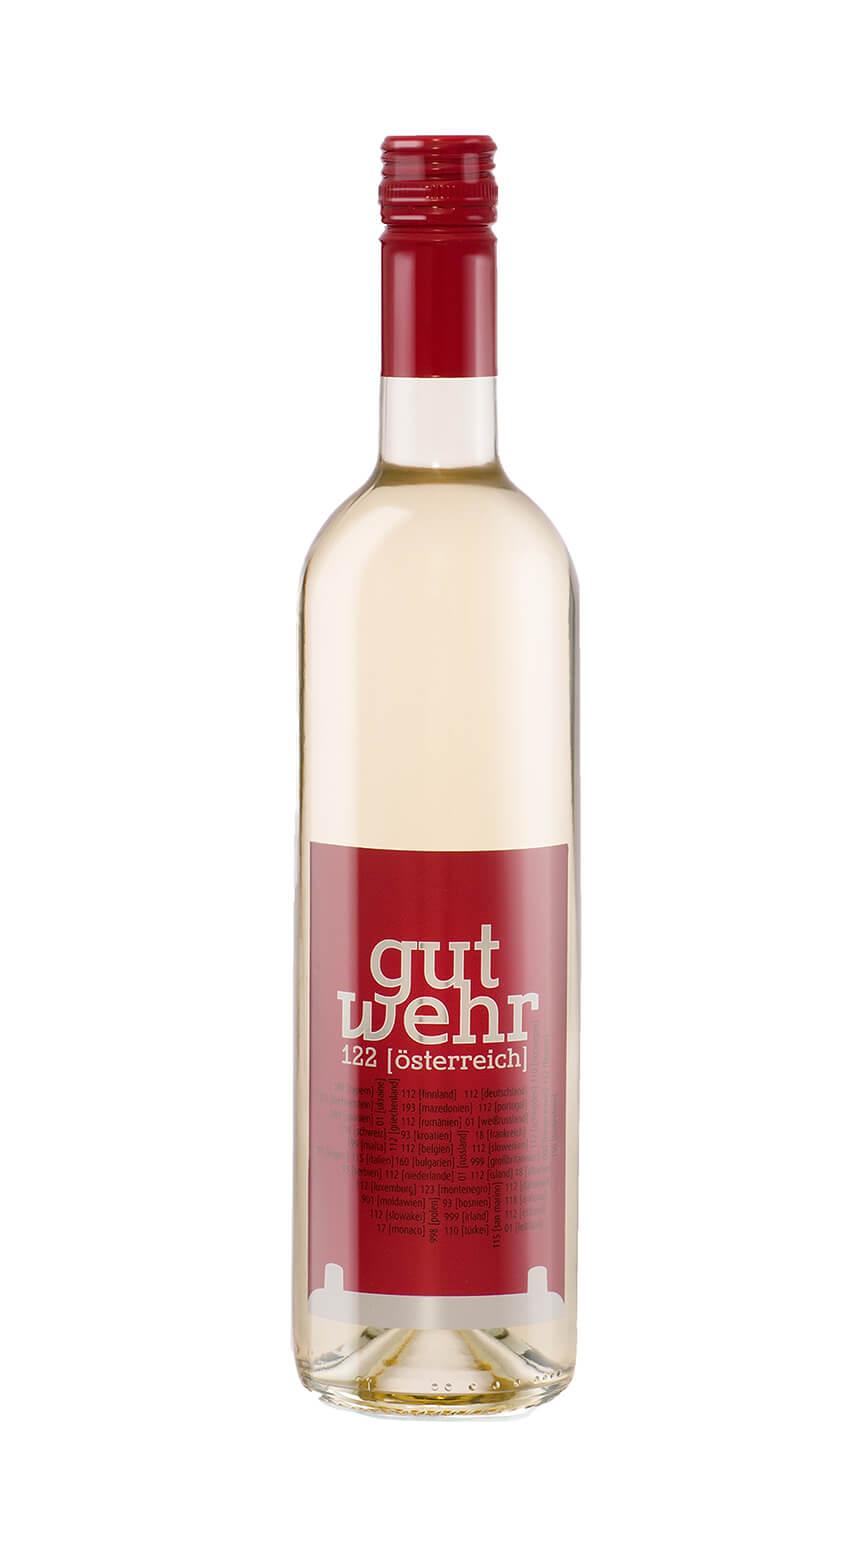 gut wehr Grüner Veltliner Weinviertel DAC